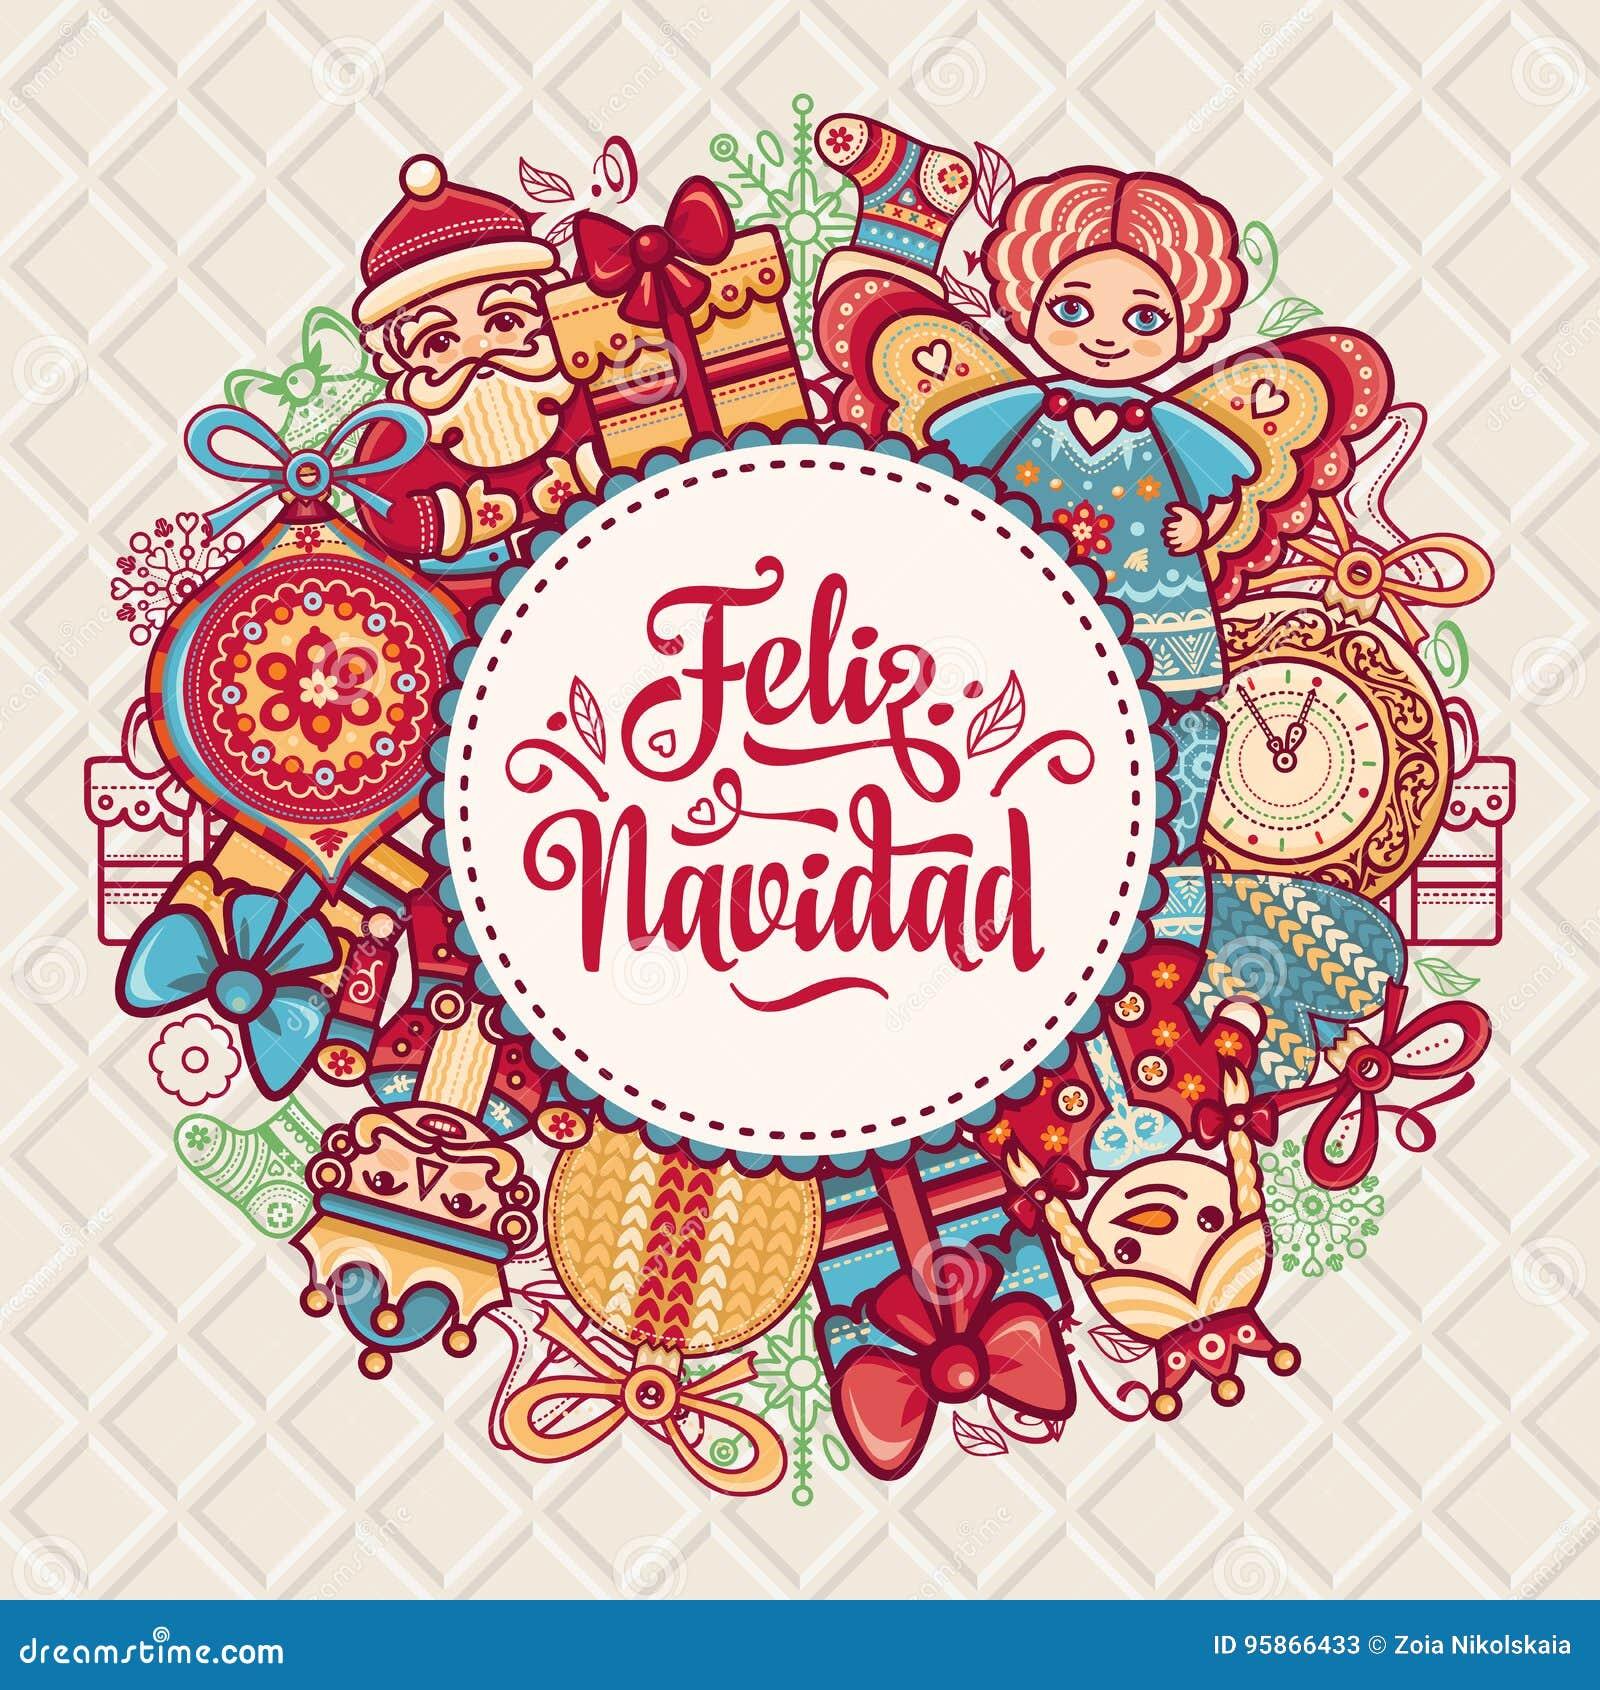 Feliz Navidad Xmas Card On Spanish Language Stock Vector